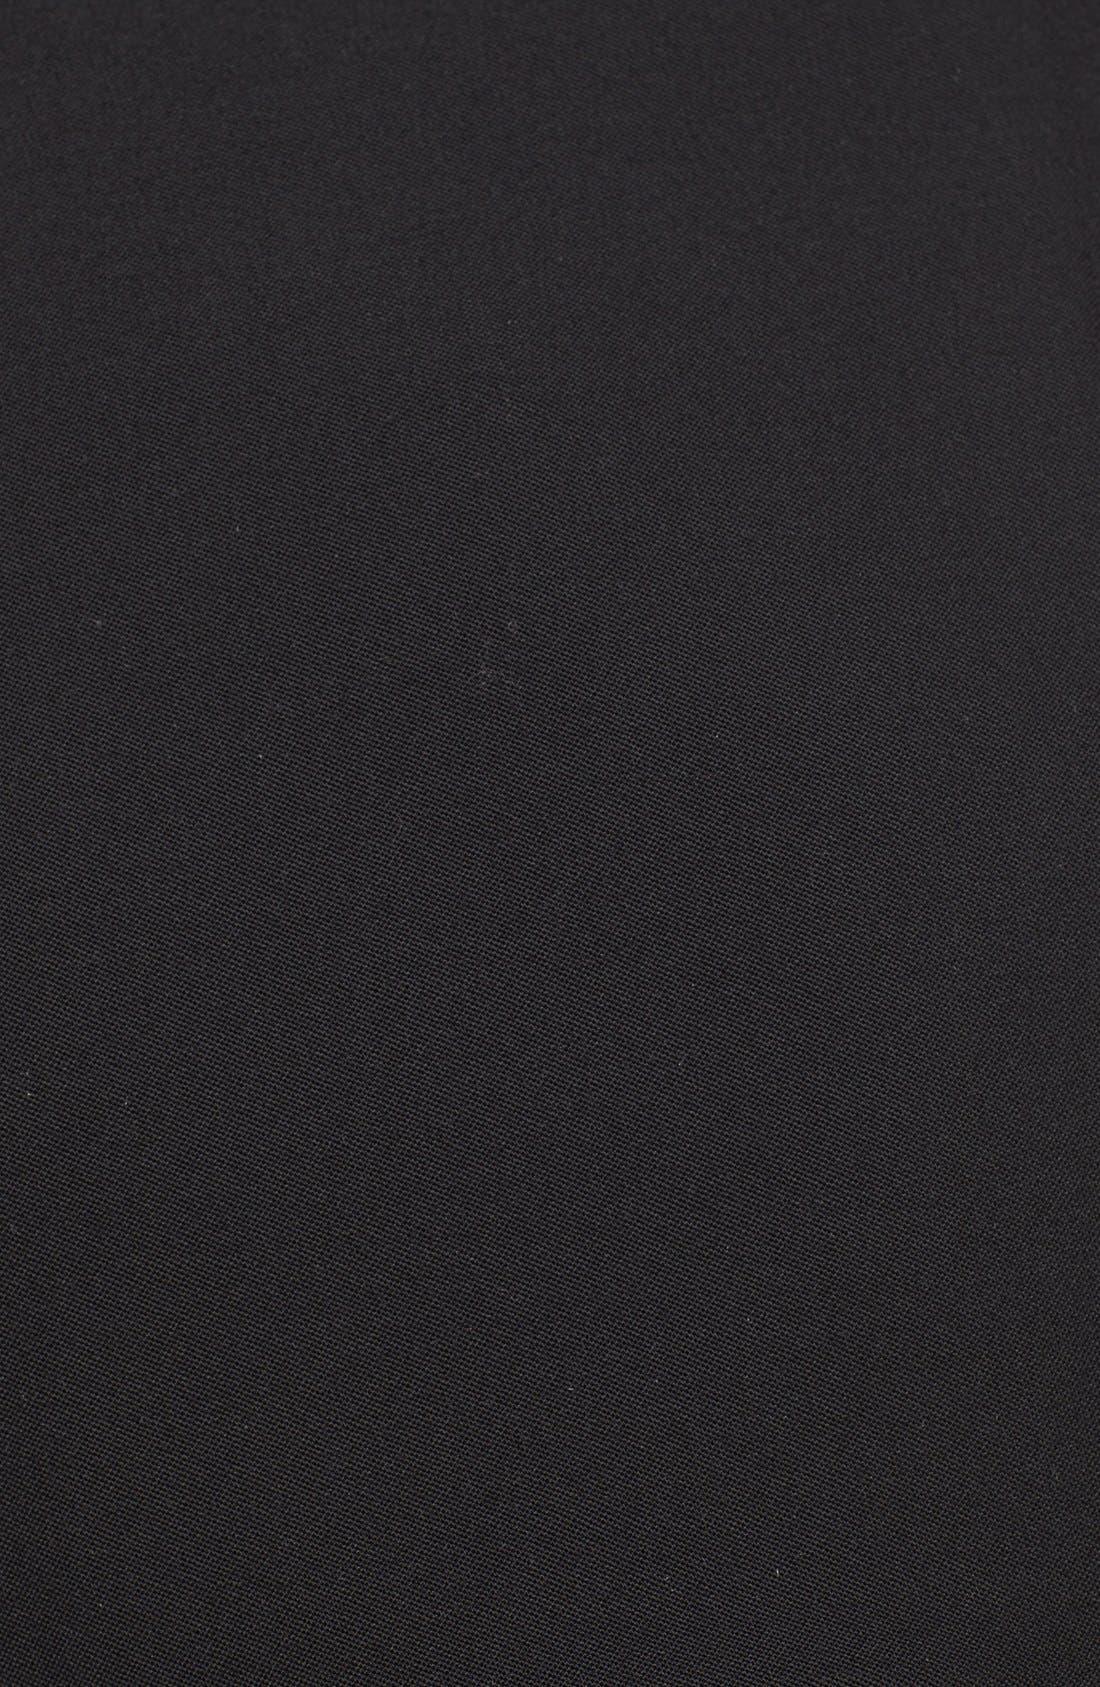 Alternate Image 3  - Alexander Wang Ball Chain Trim Miniskirt